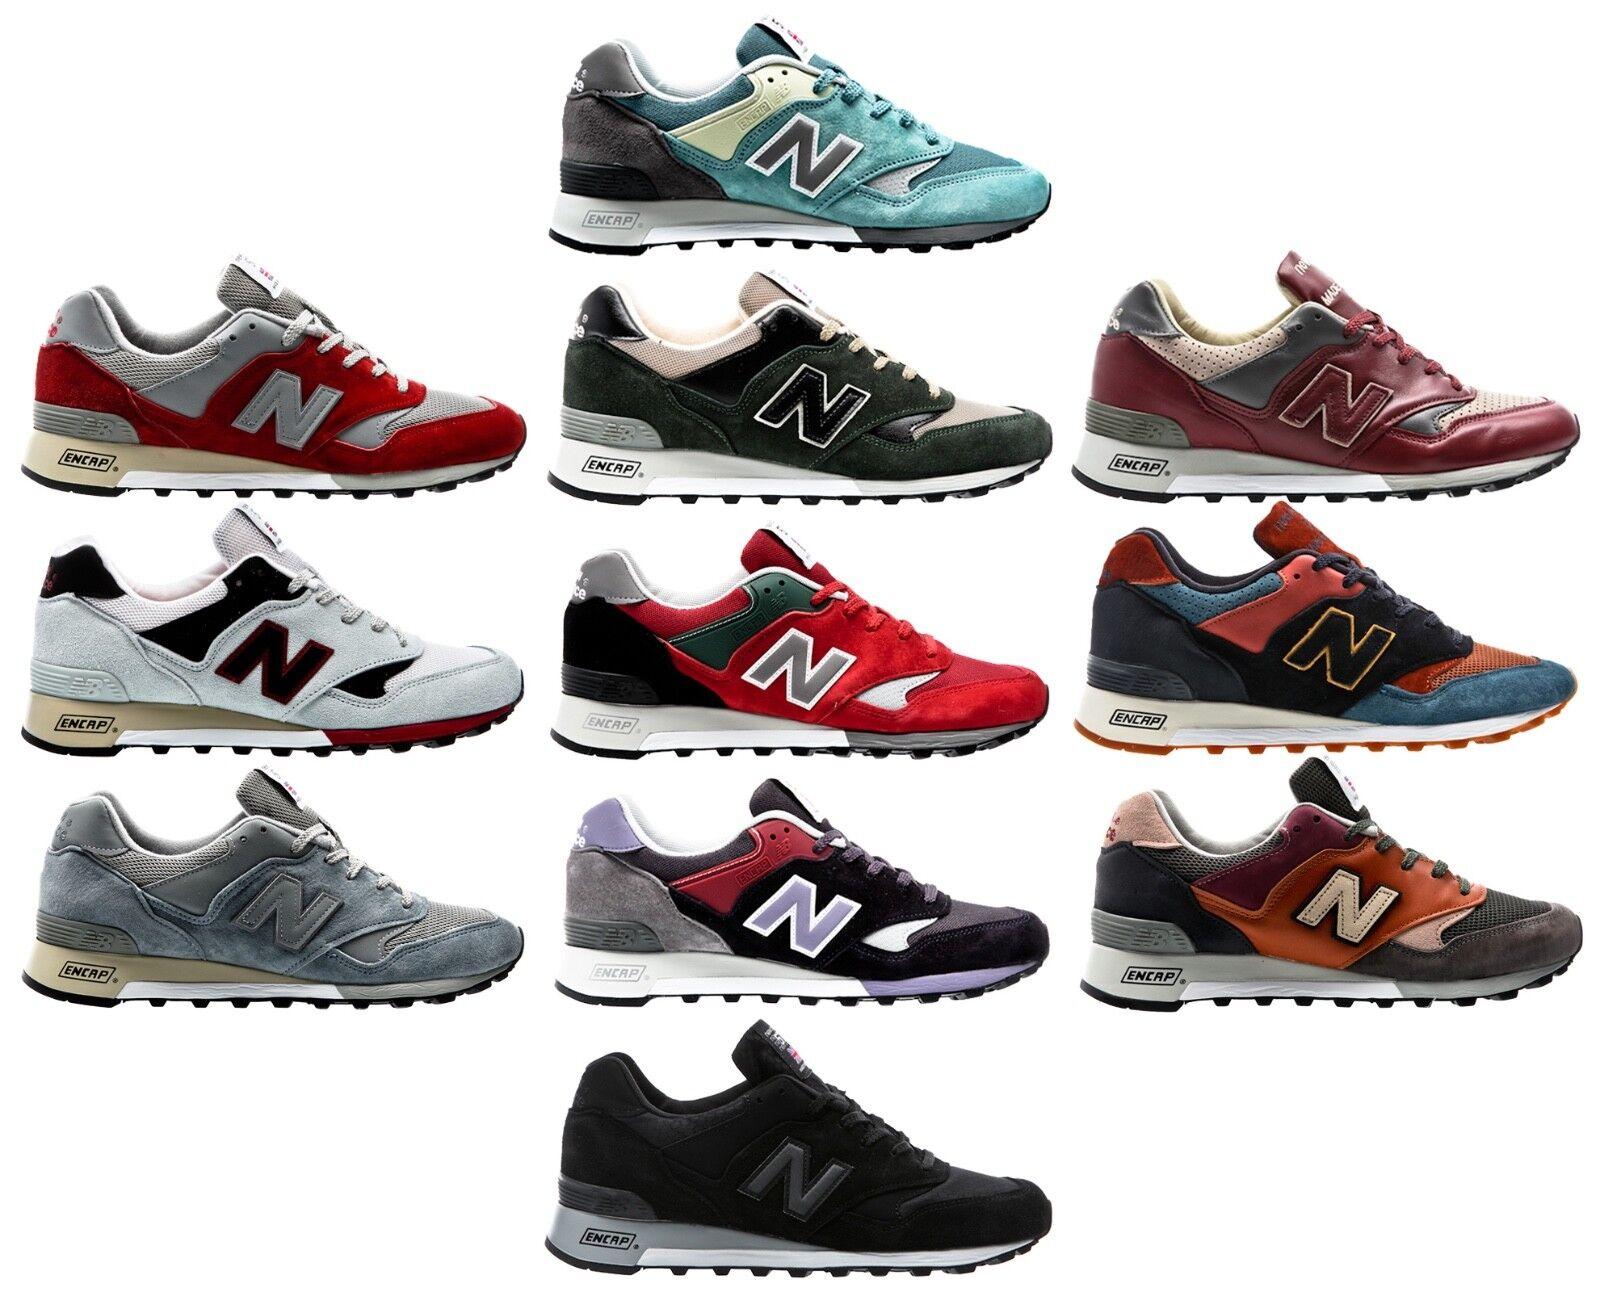 New Balance 577 GKR ETB DGK ETP ETR LBT KK PSG PBG SP YP Men's shoes